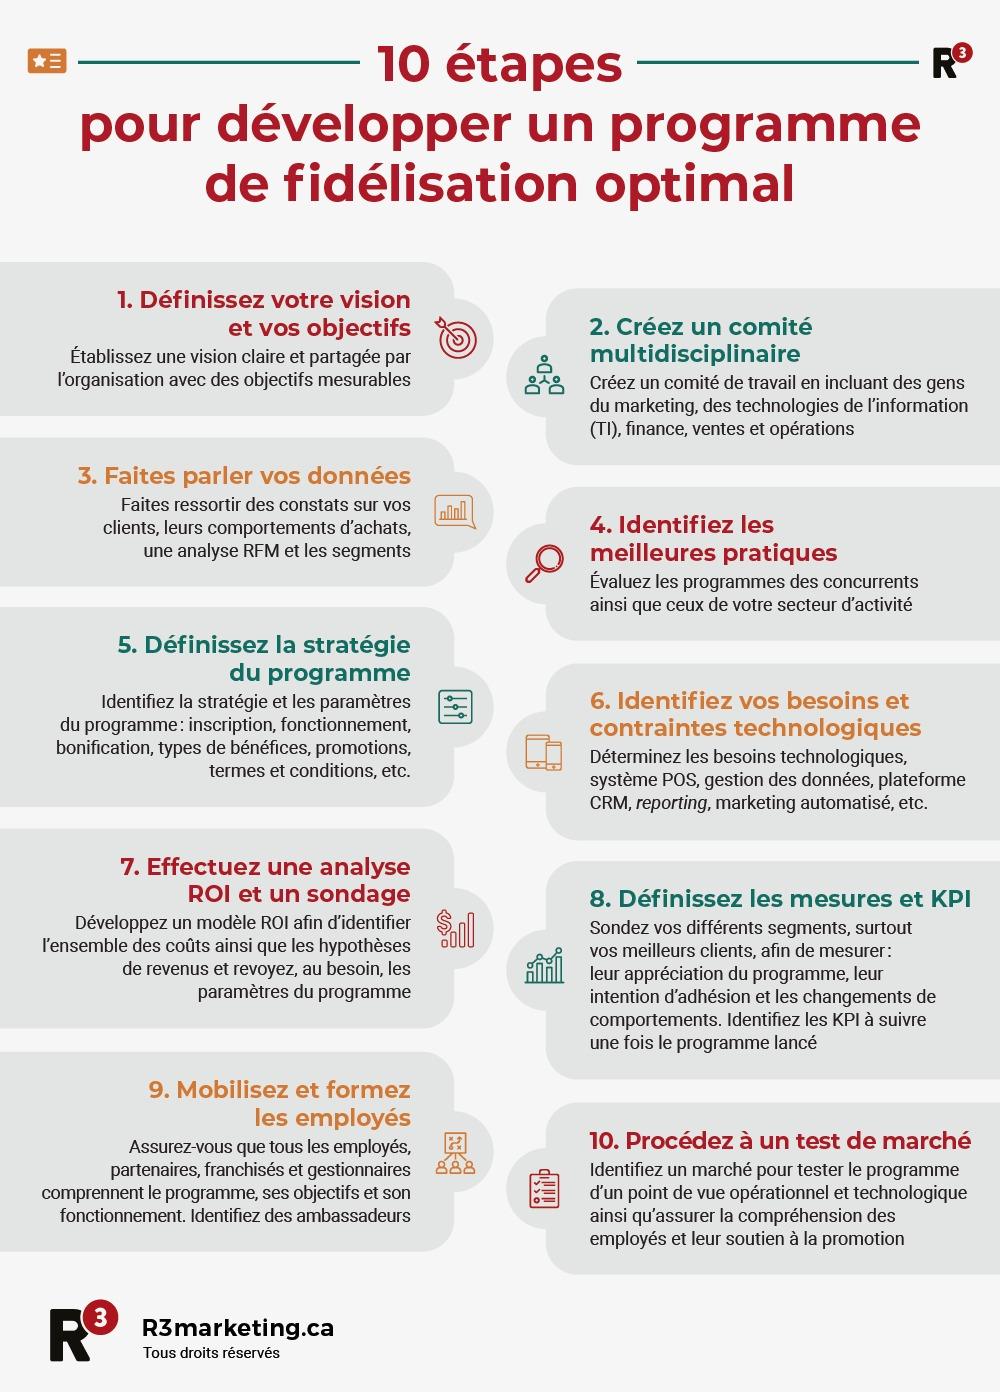 Infographie 10 étapes pour développer un programme de fidélisation optimal